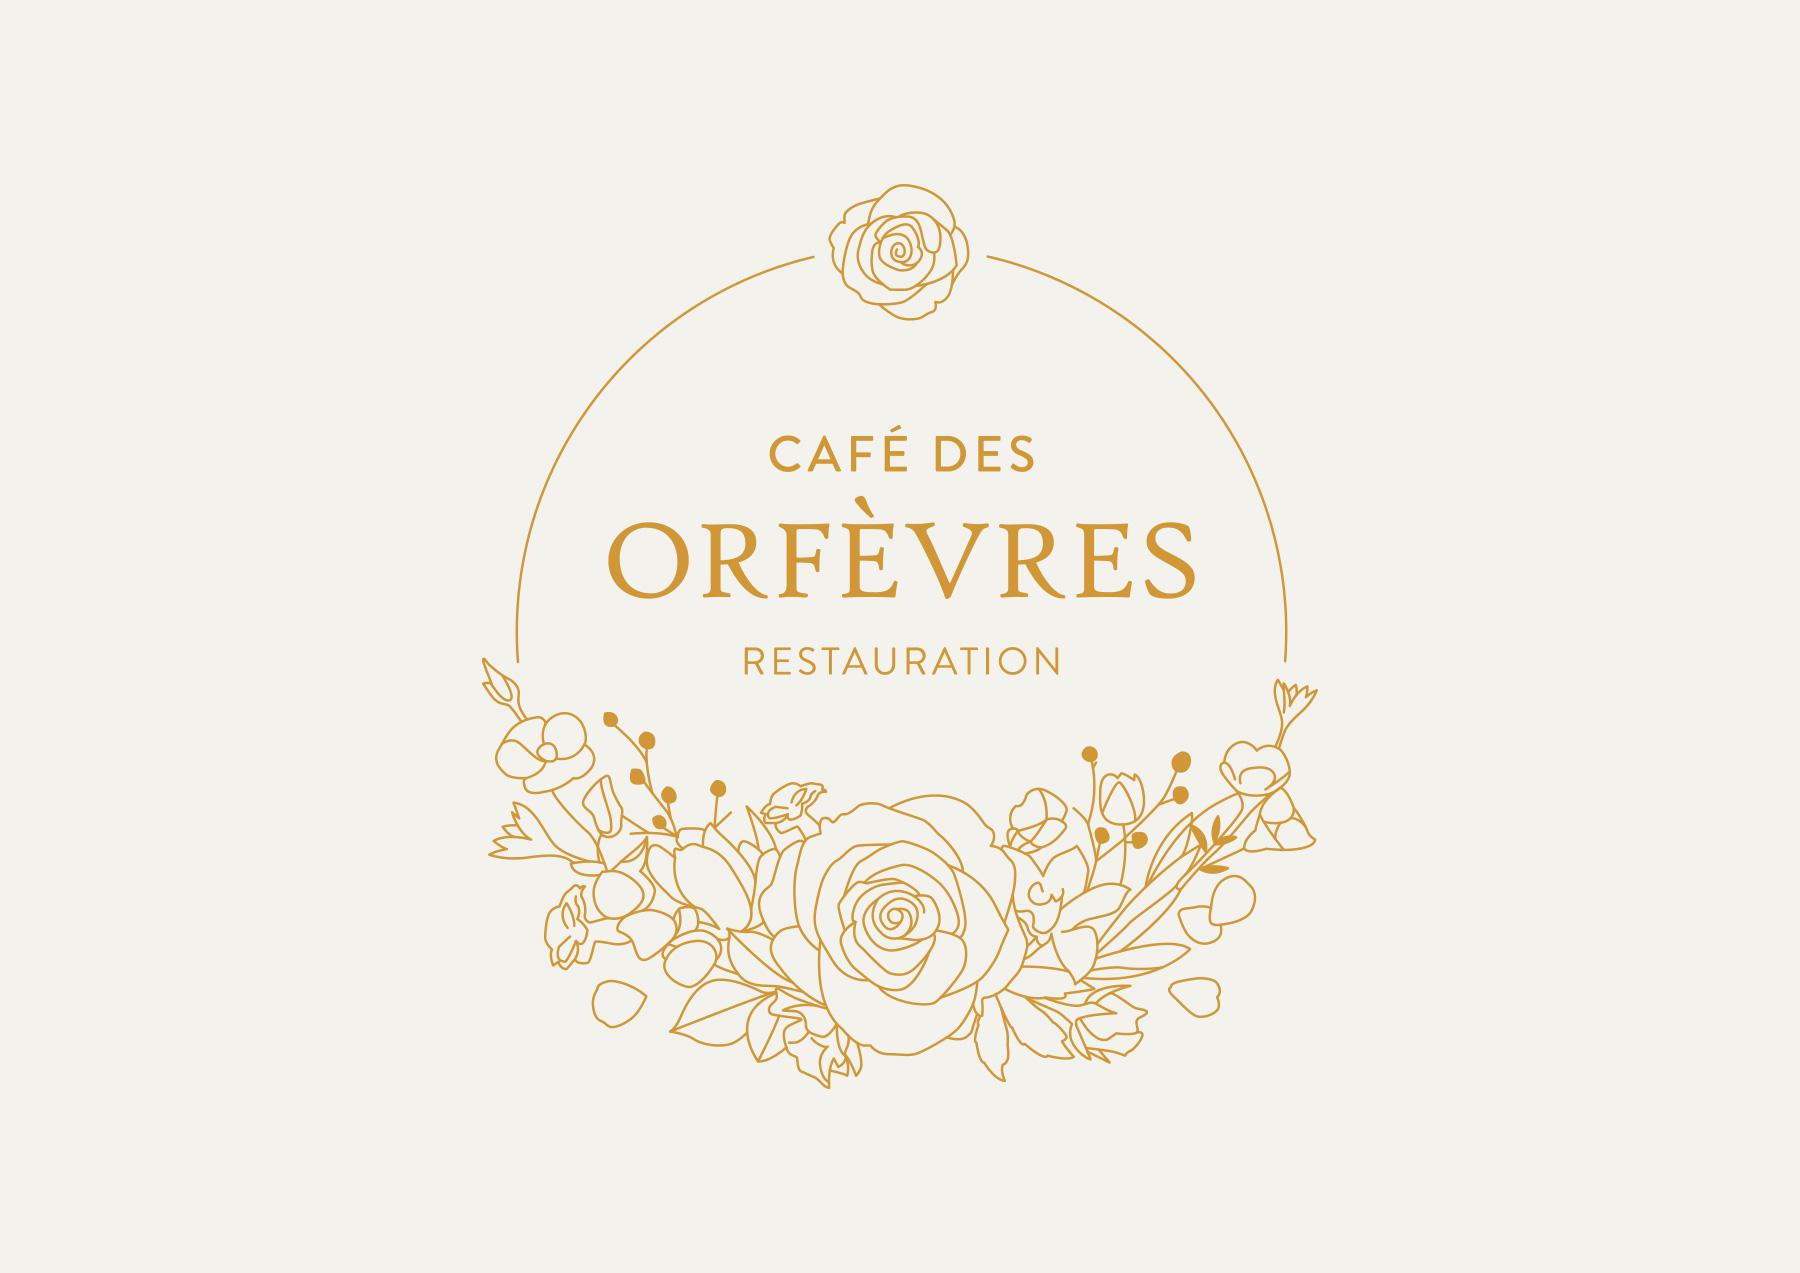 Carole_Chevalier-Café-Orfèvres-1.jpg